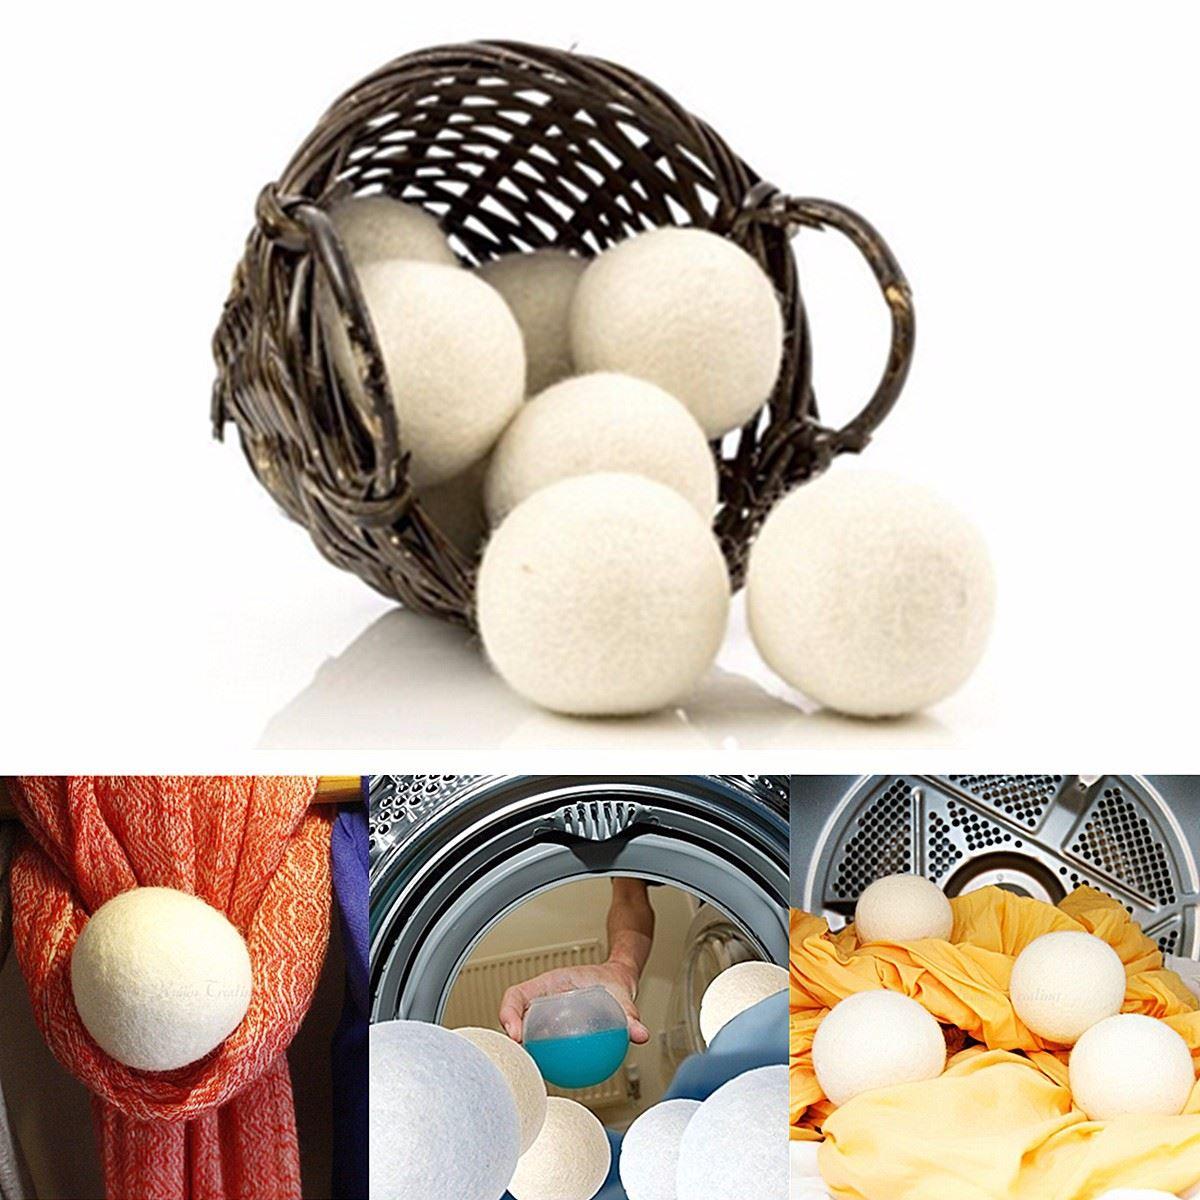 6 unids/pack bola para lavar la ropa reutilizable Natural suavizante de tela orgánico para lavandería bola secador de lana orgánica Premium bolas